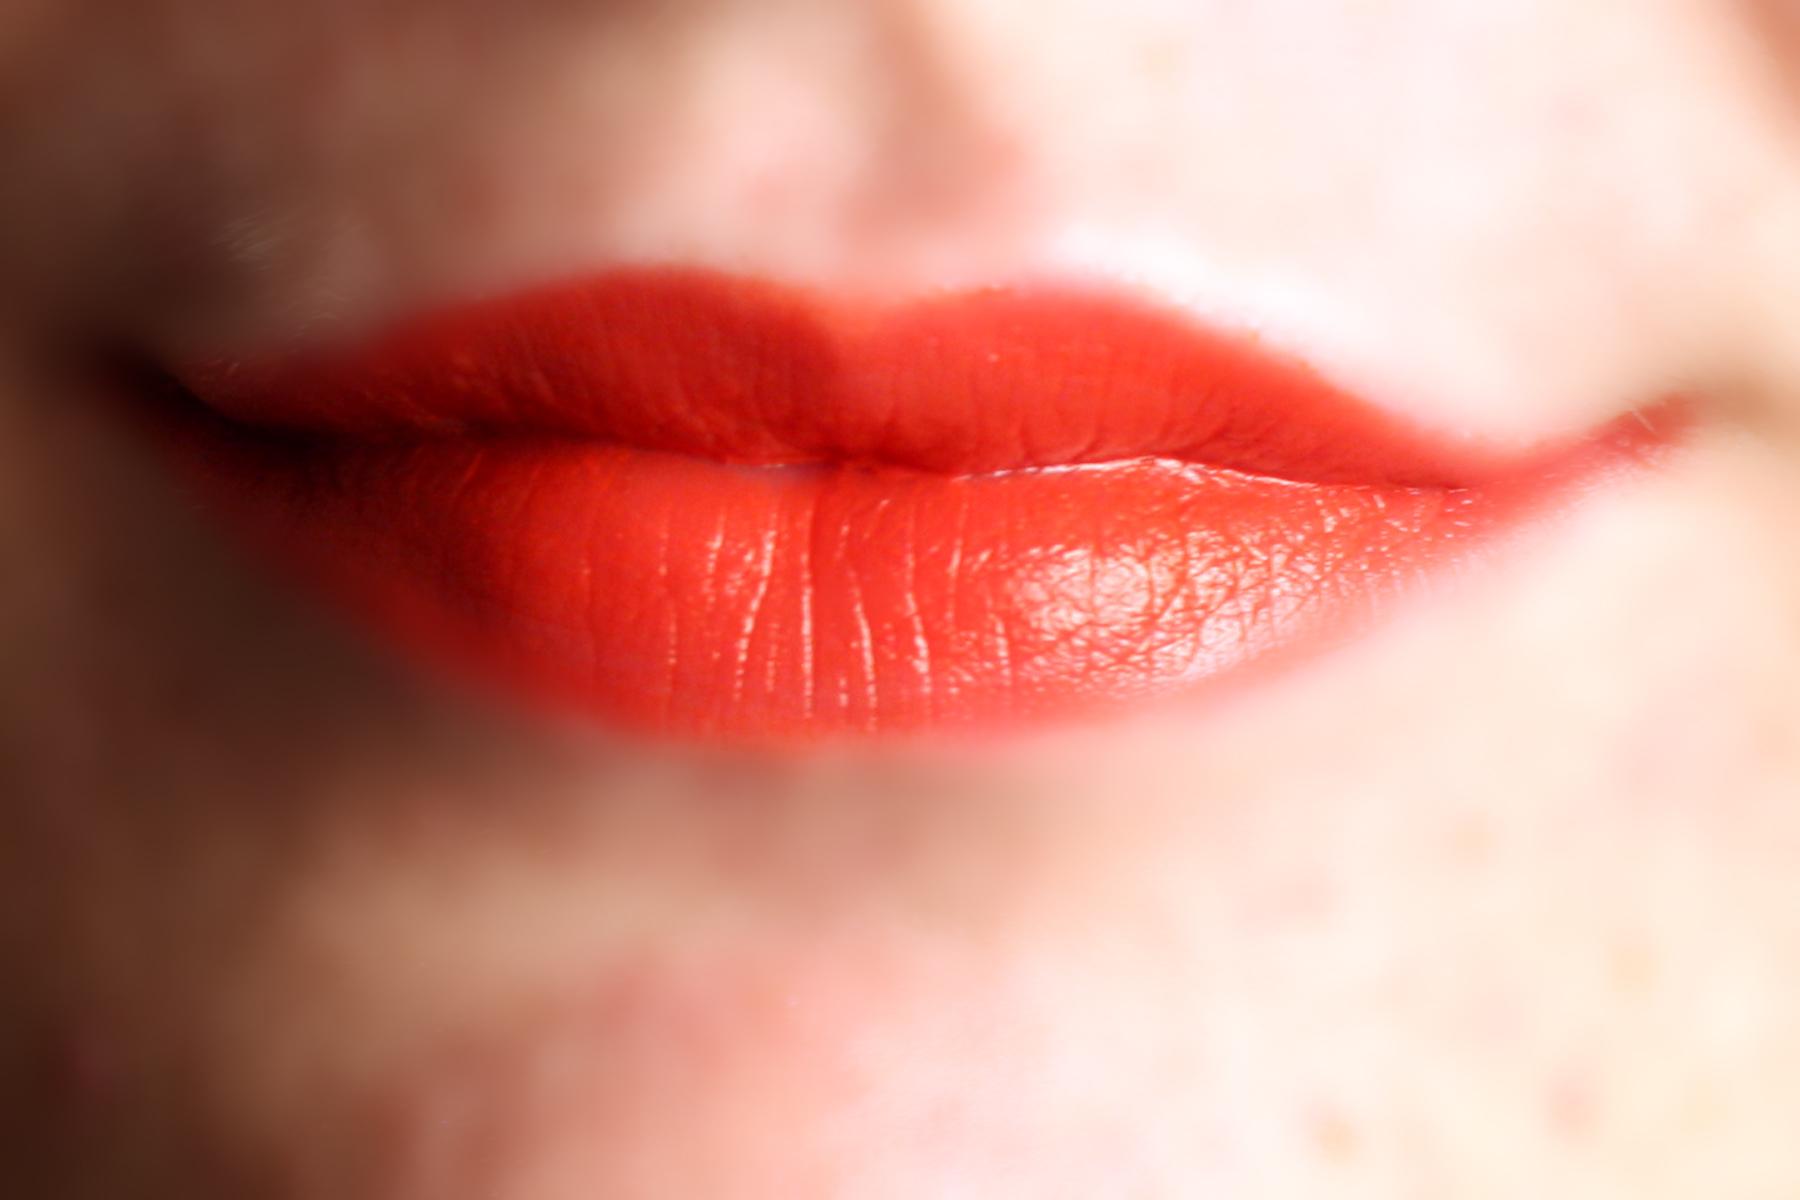 Cara membuat bibir merah, bibir sexy, bibir merah merona, bibr, menghaluskan bibir, tips membuat bibir merah